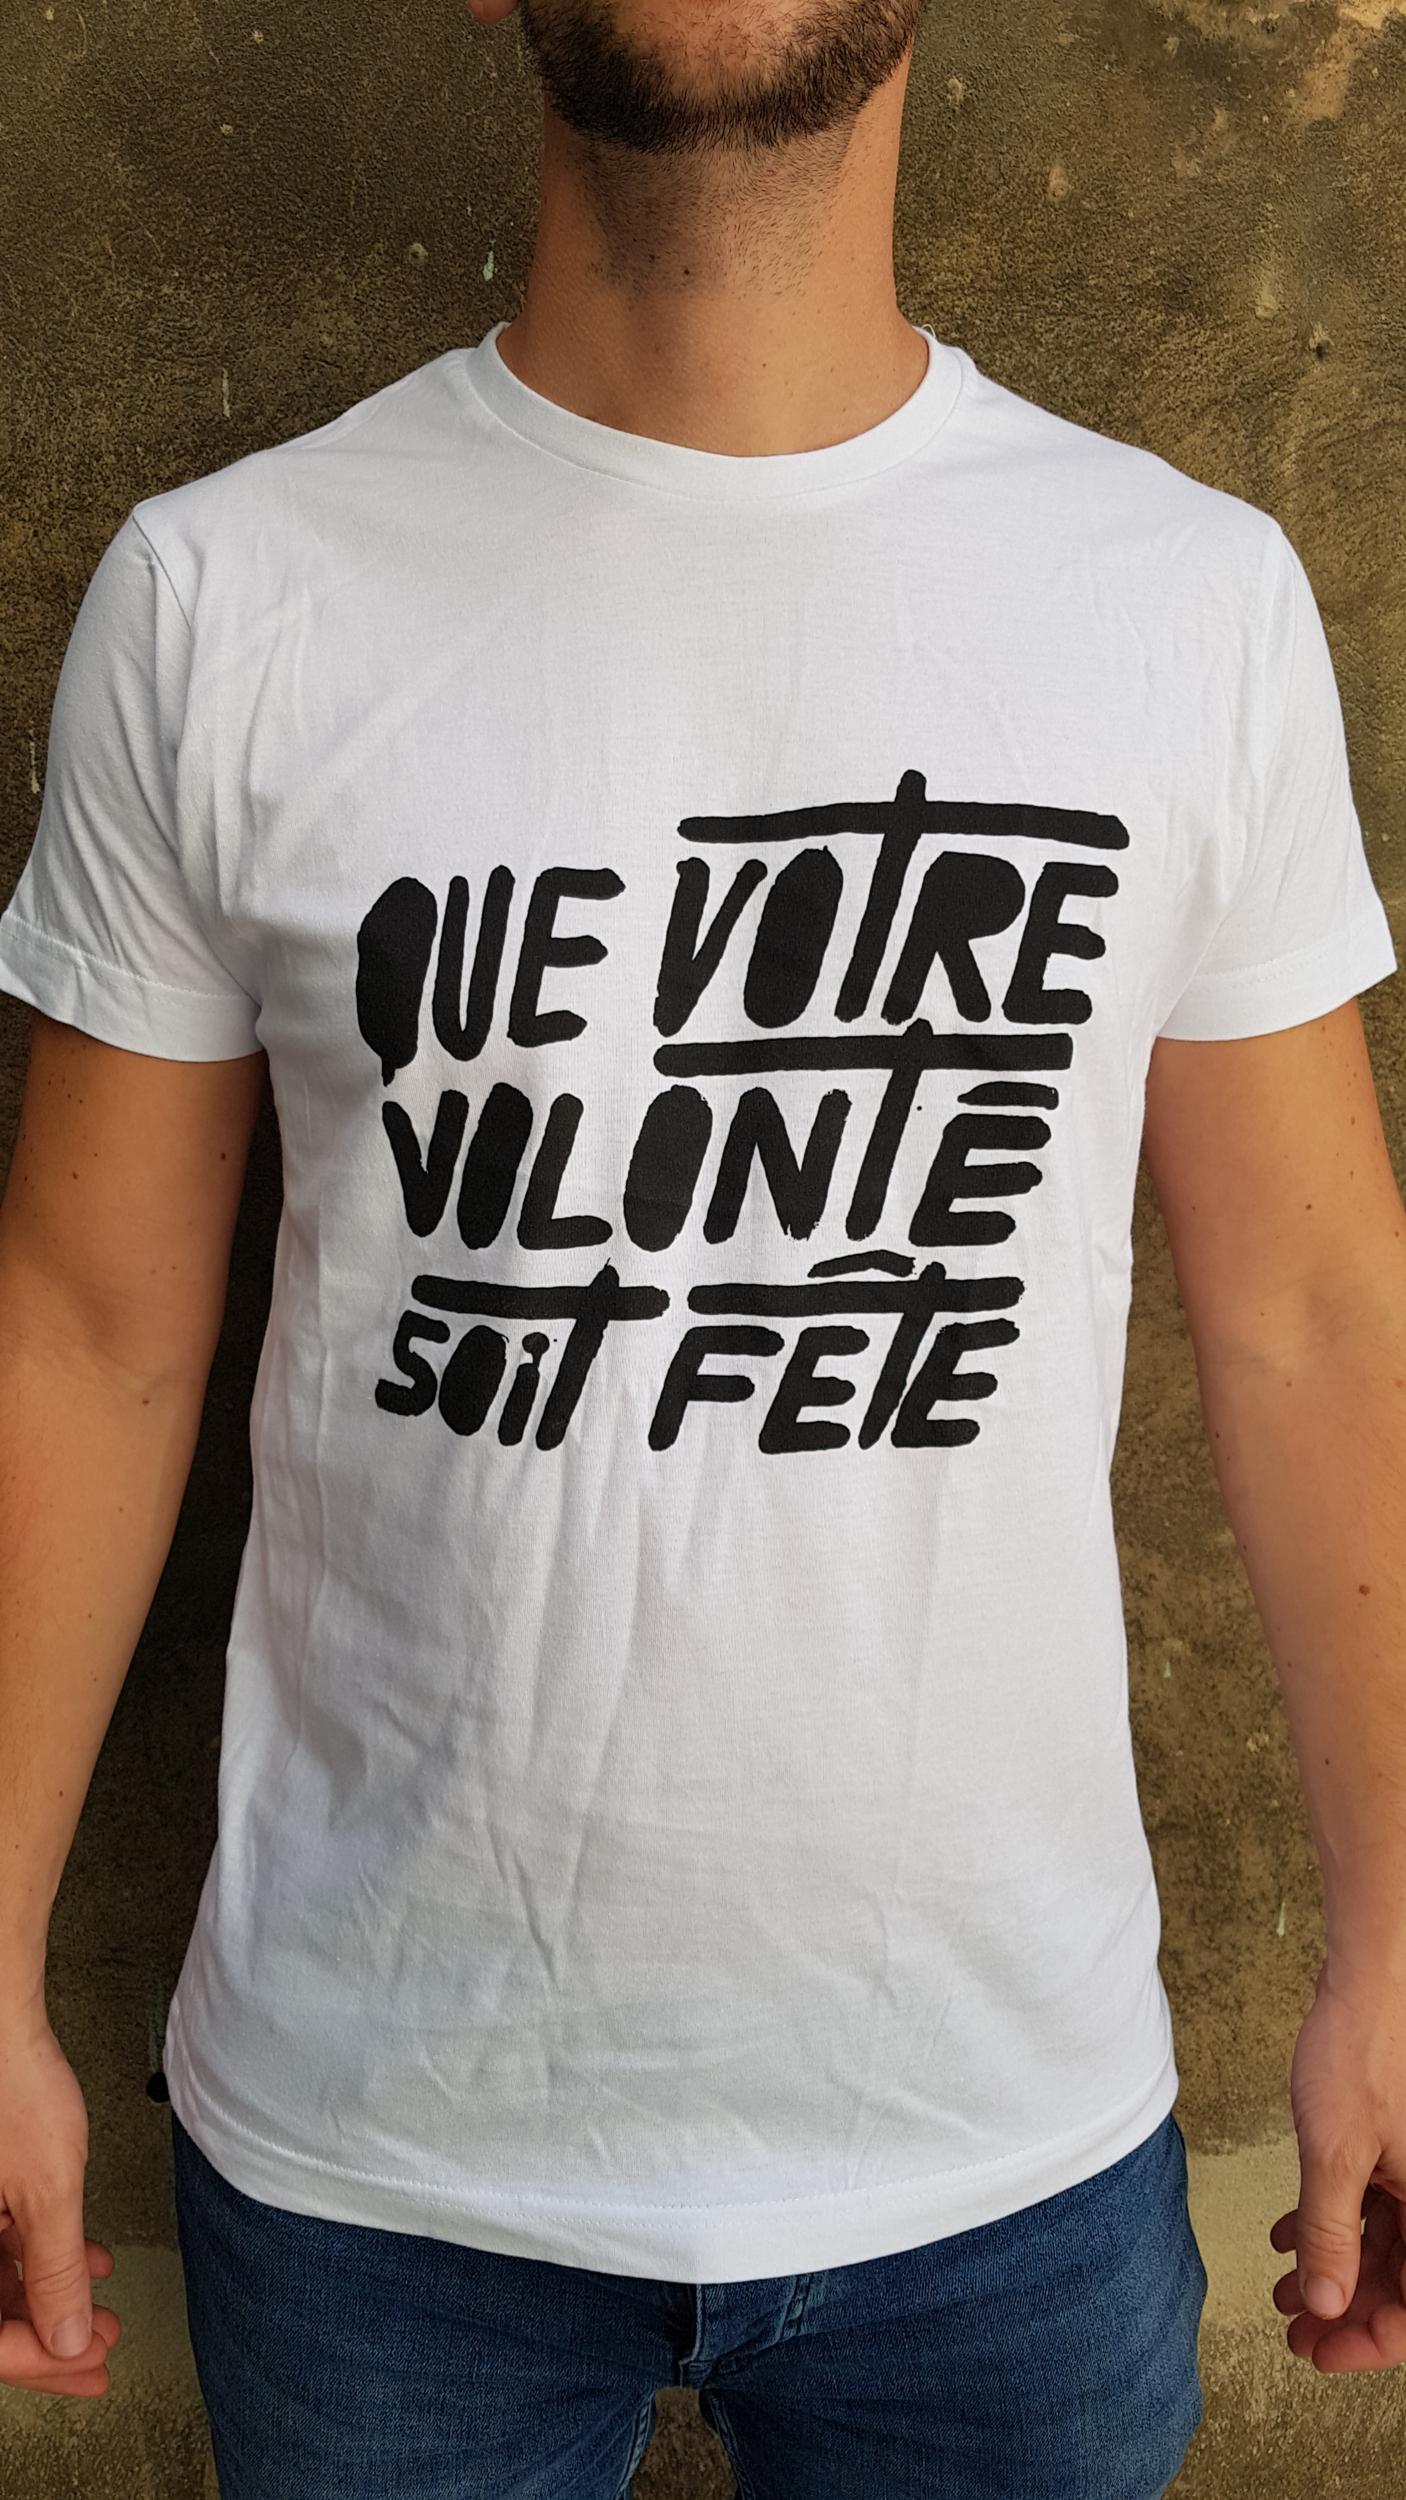 T-SHIRT QUE VOTRE VOLONTE SOIT FêTE By TABAS HOMME et FEMME